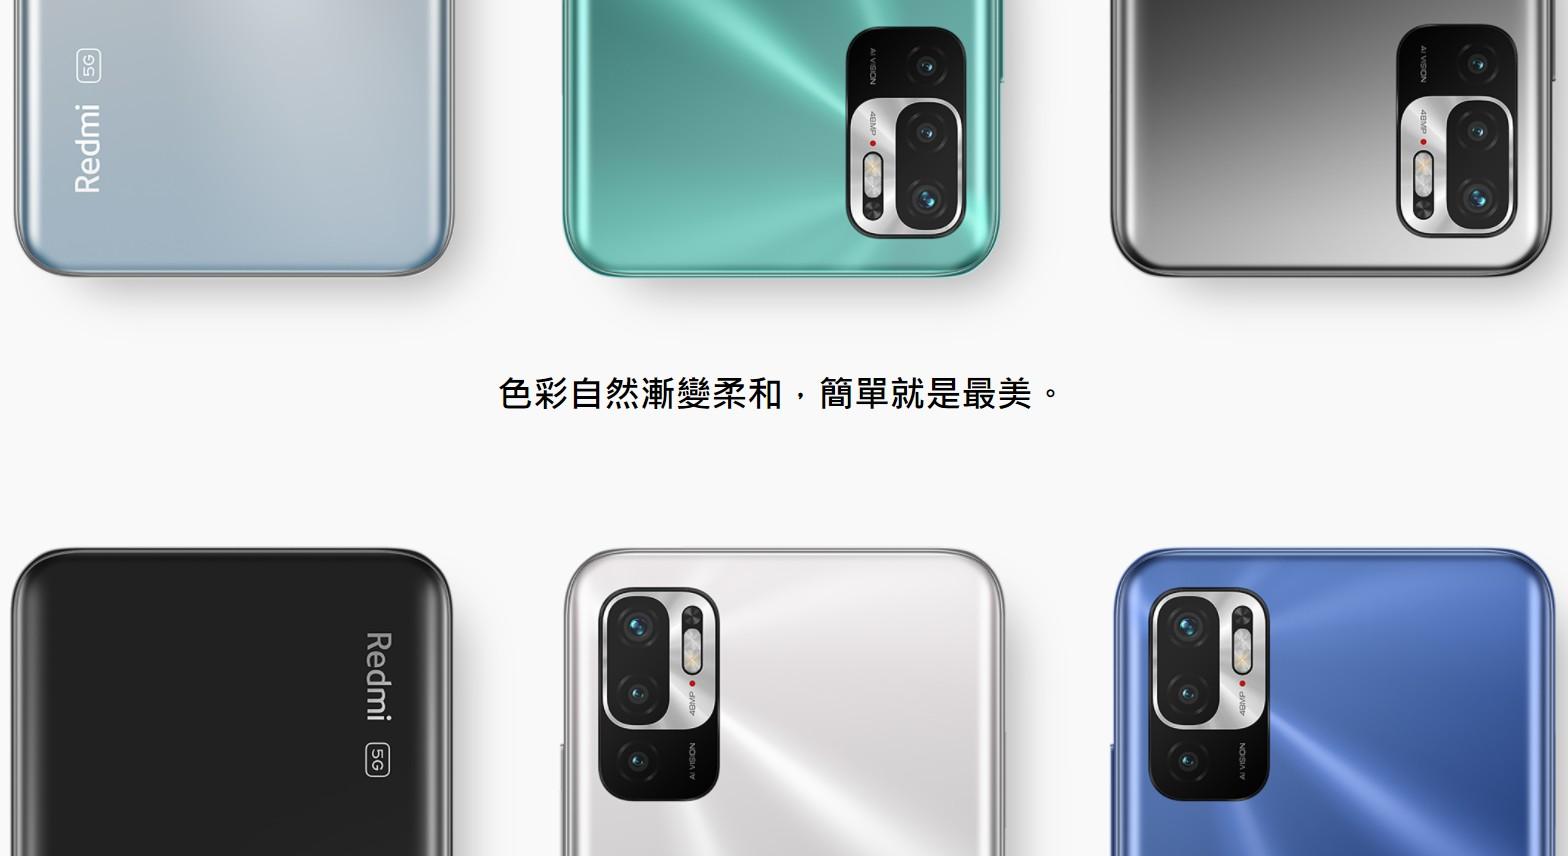 【手機專知】紅米Note 10跟Note 10s的不同差異為何?消費者該怎麼選擇?